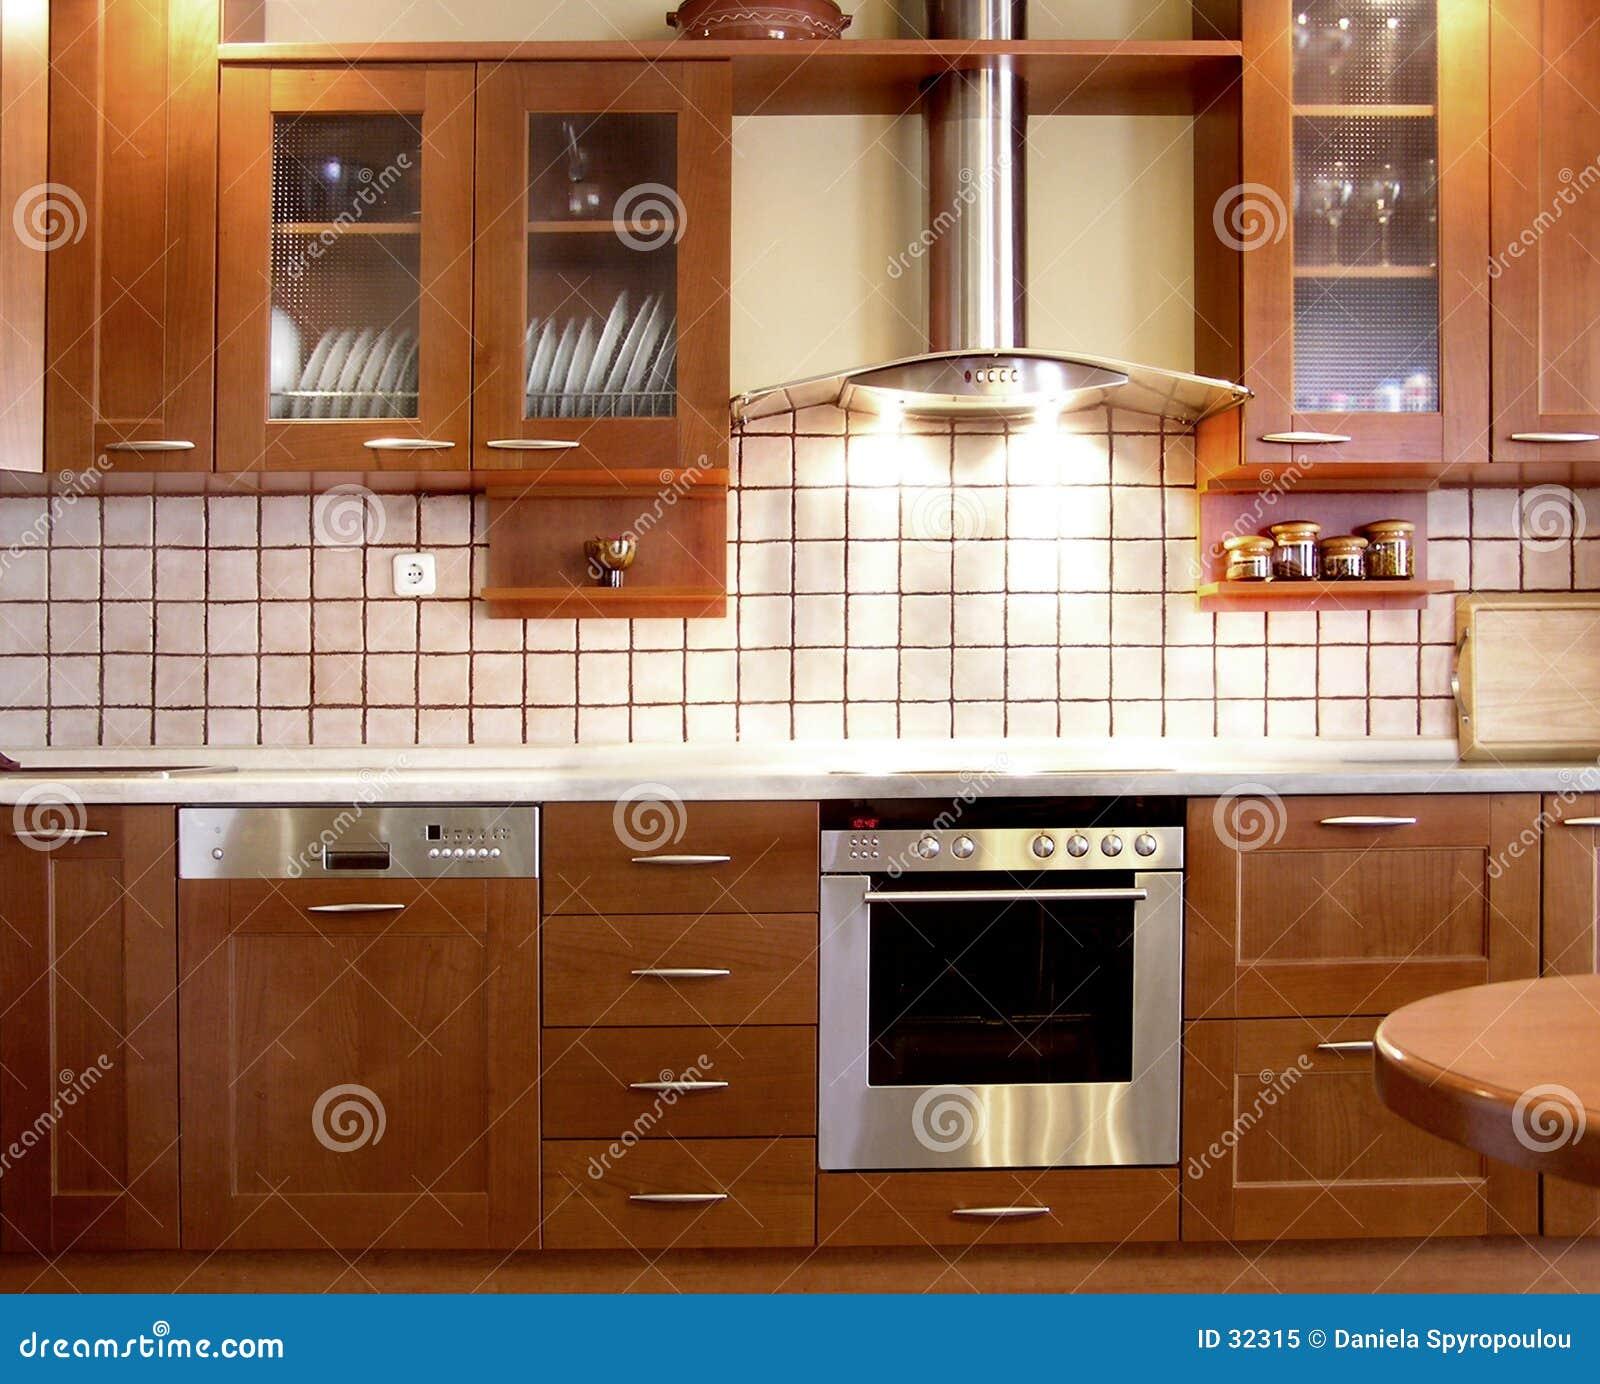 кухня конструкции вишни